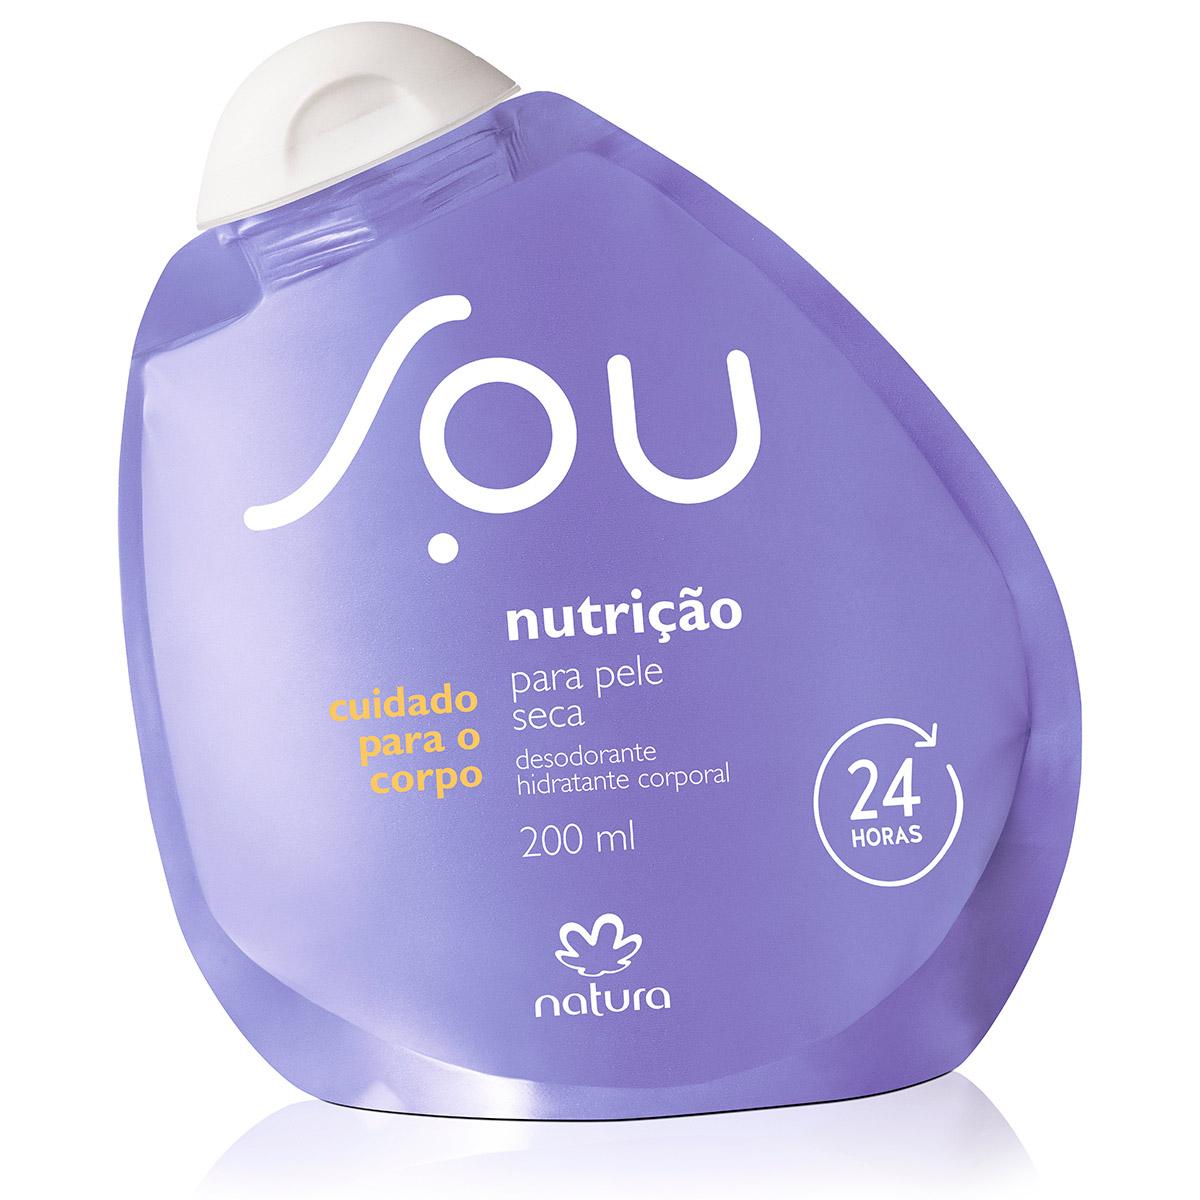 Desodorante Hidratante Corporal Nutrição para Pele Seca SOU - 200ml - 64013